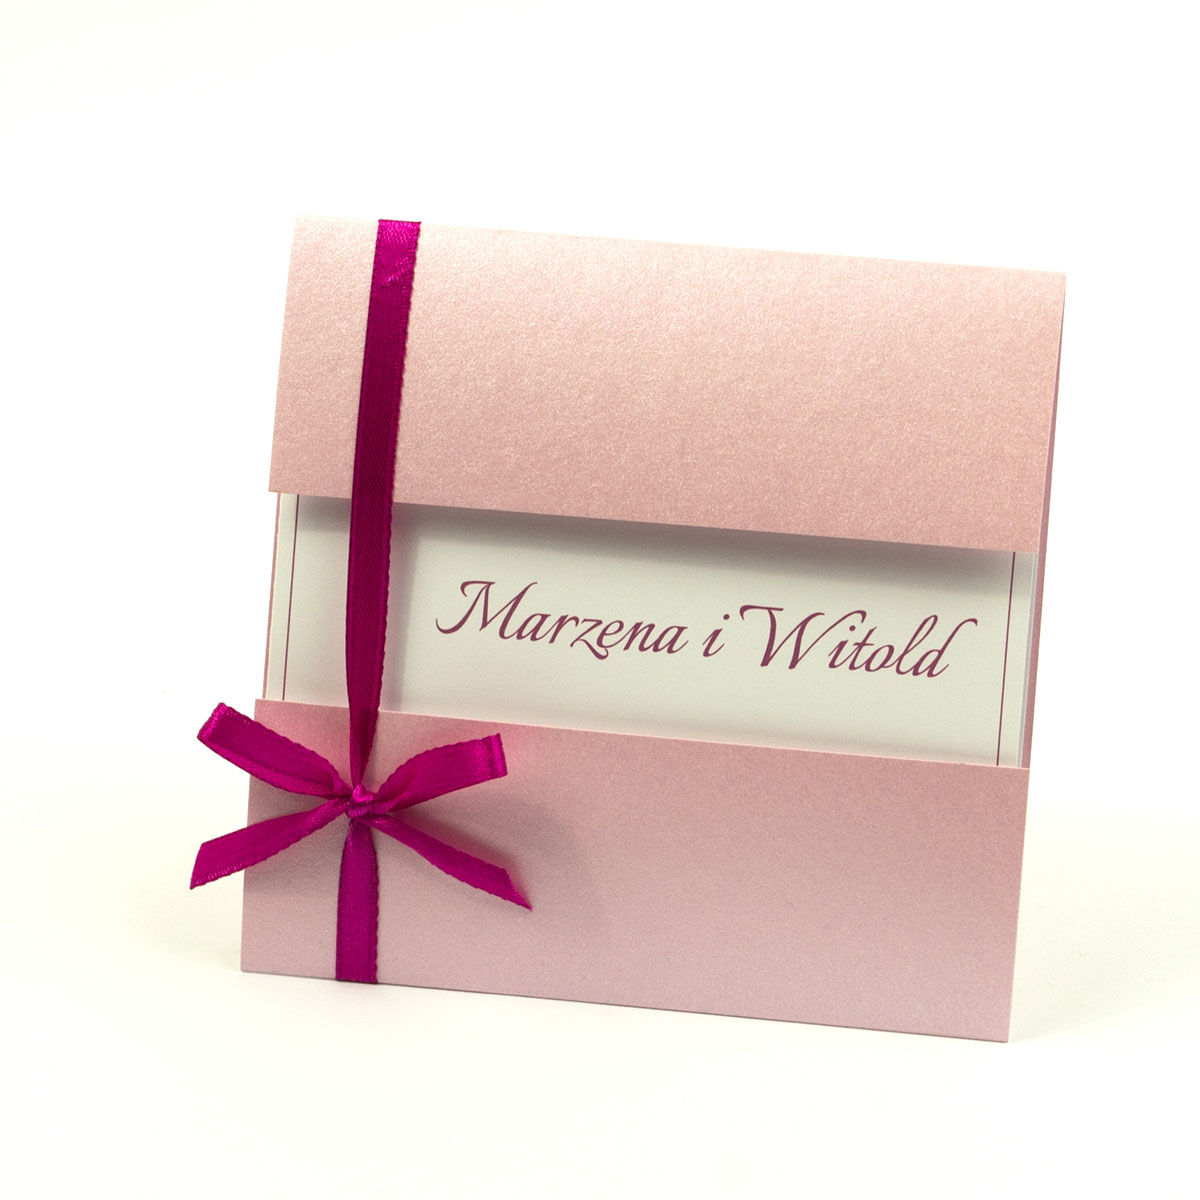 Przyciągające eleganckie zaproszenia ślubne z kwadratowym wnętrzem, wstążką w intensywnym - malinowym kolorze i ciekawie wyciętą okładką z różowego, perłowego papieru. ZAP-79-93